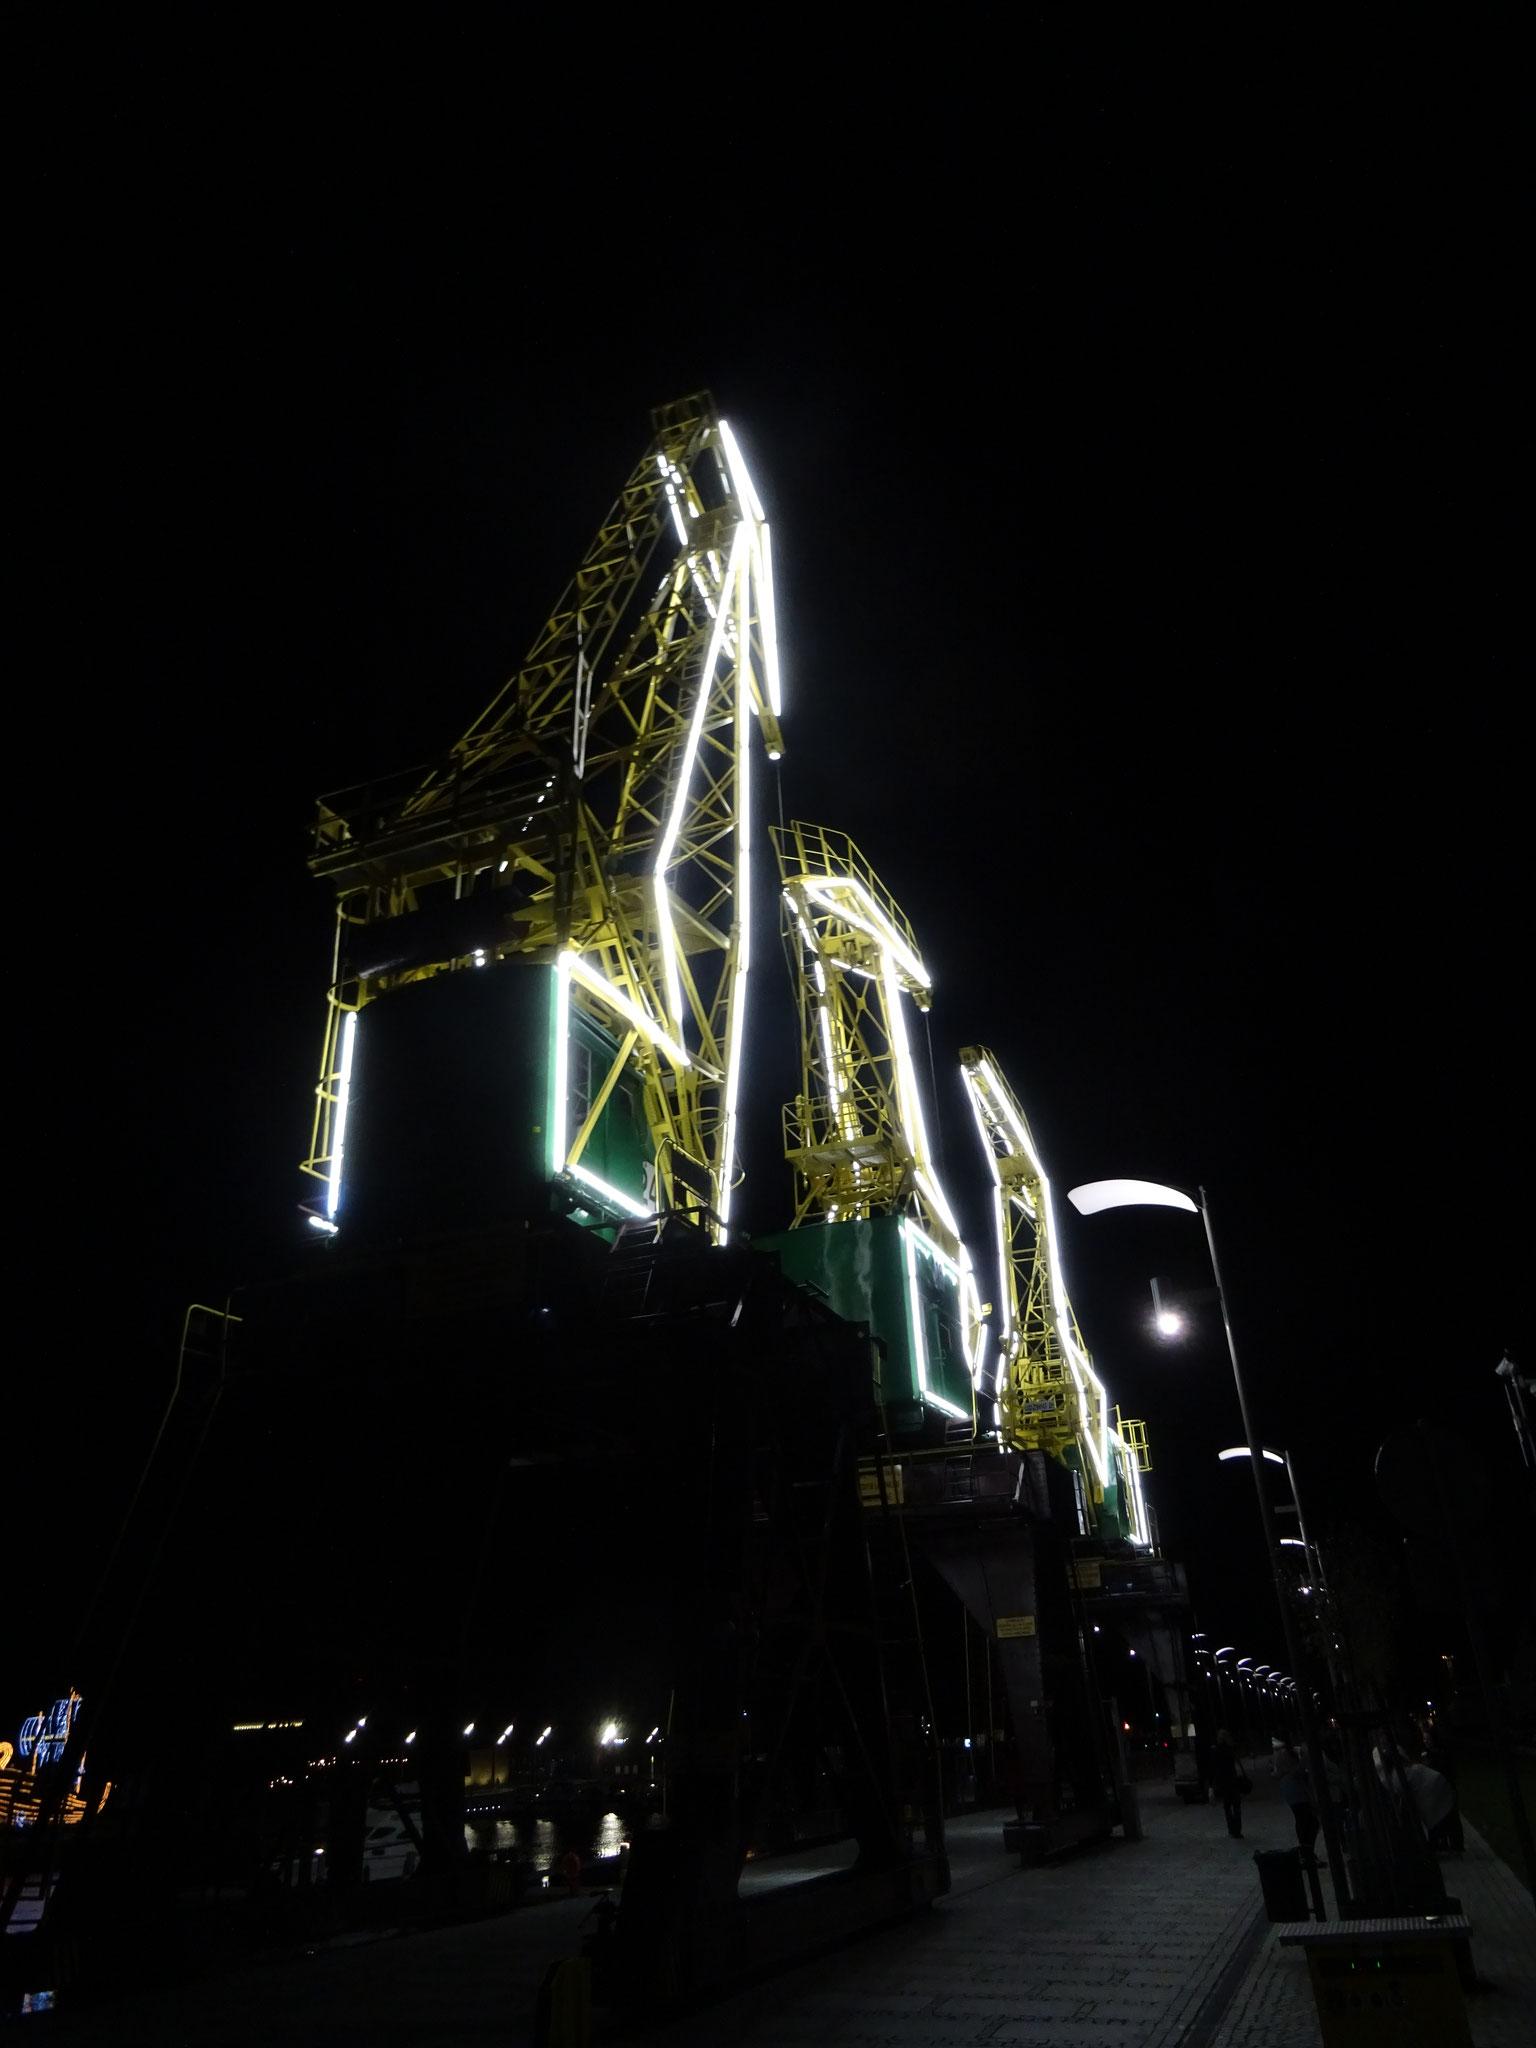 Stettin Hafen Nacht alte Krananlage Lichtinstallation weiß gelb